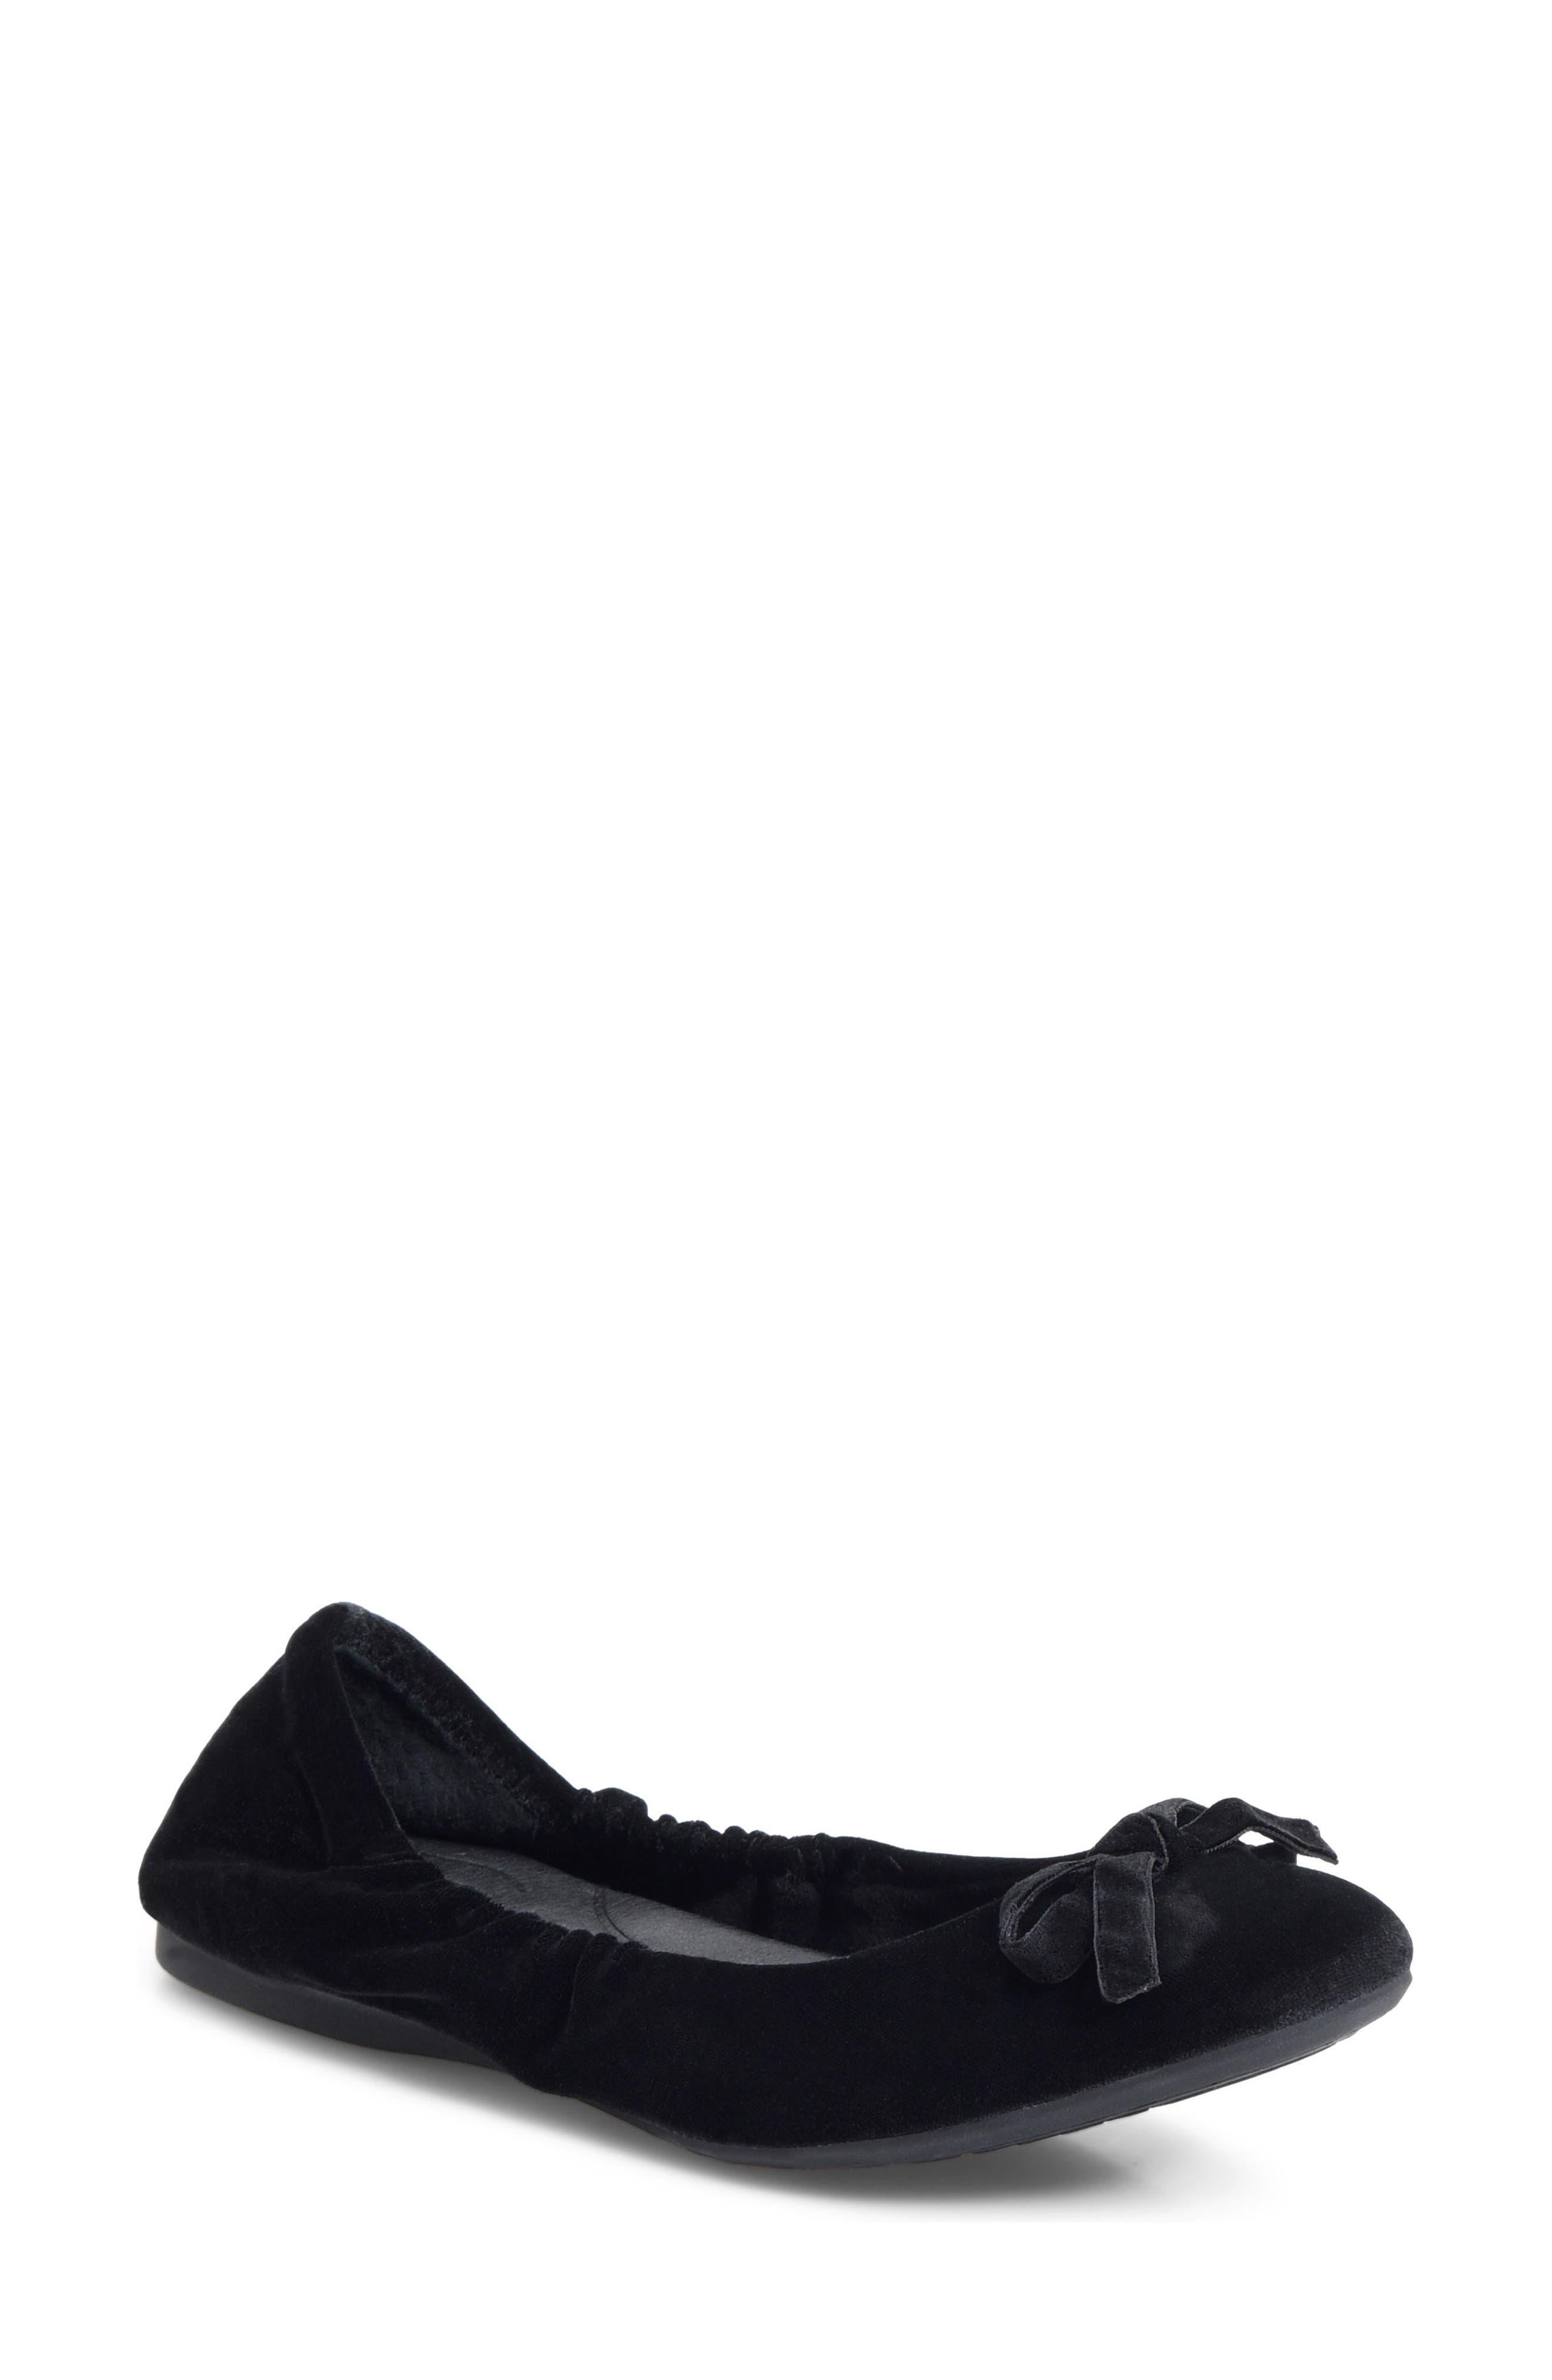 Karoline Ballet Flat,                         Main,                         color, 001